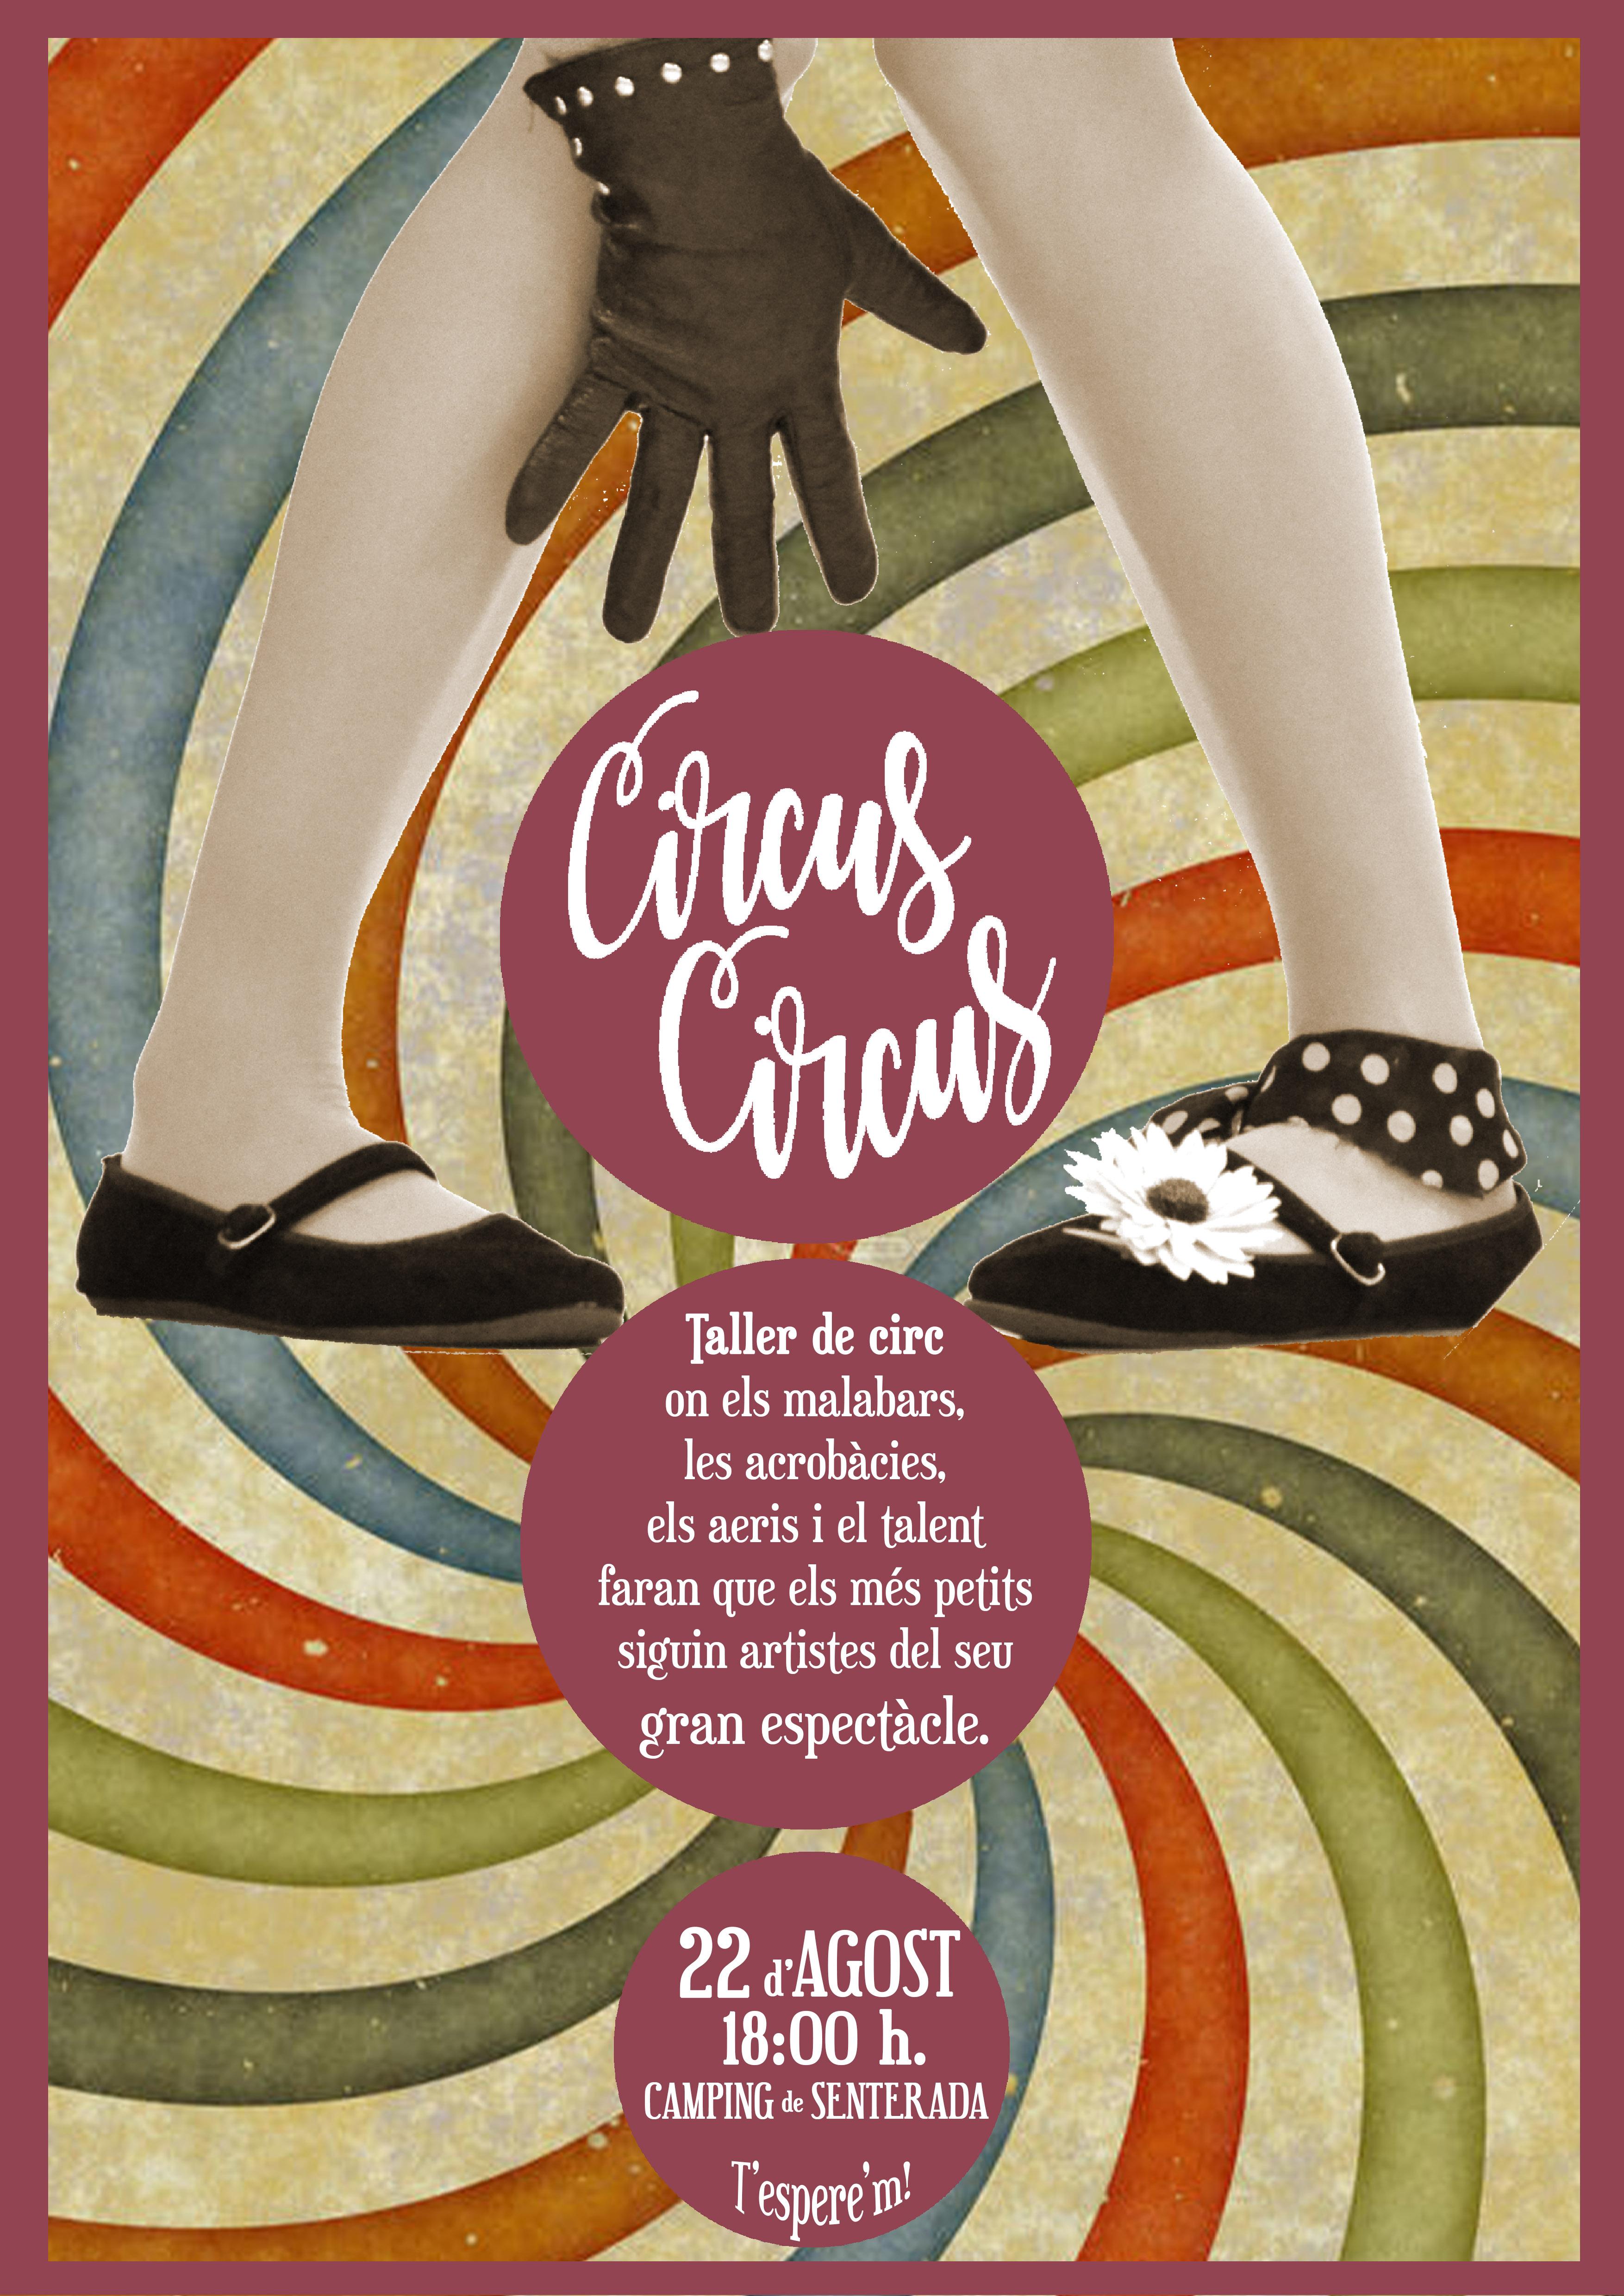 CIRCUS CIRCUS 22/08/18 18.00H